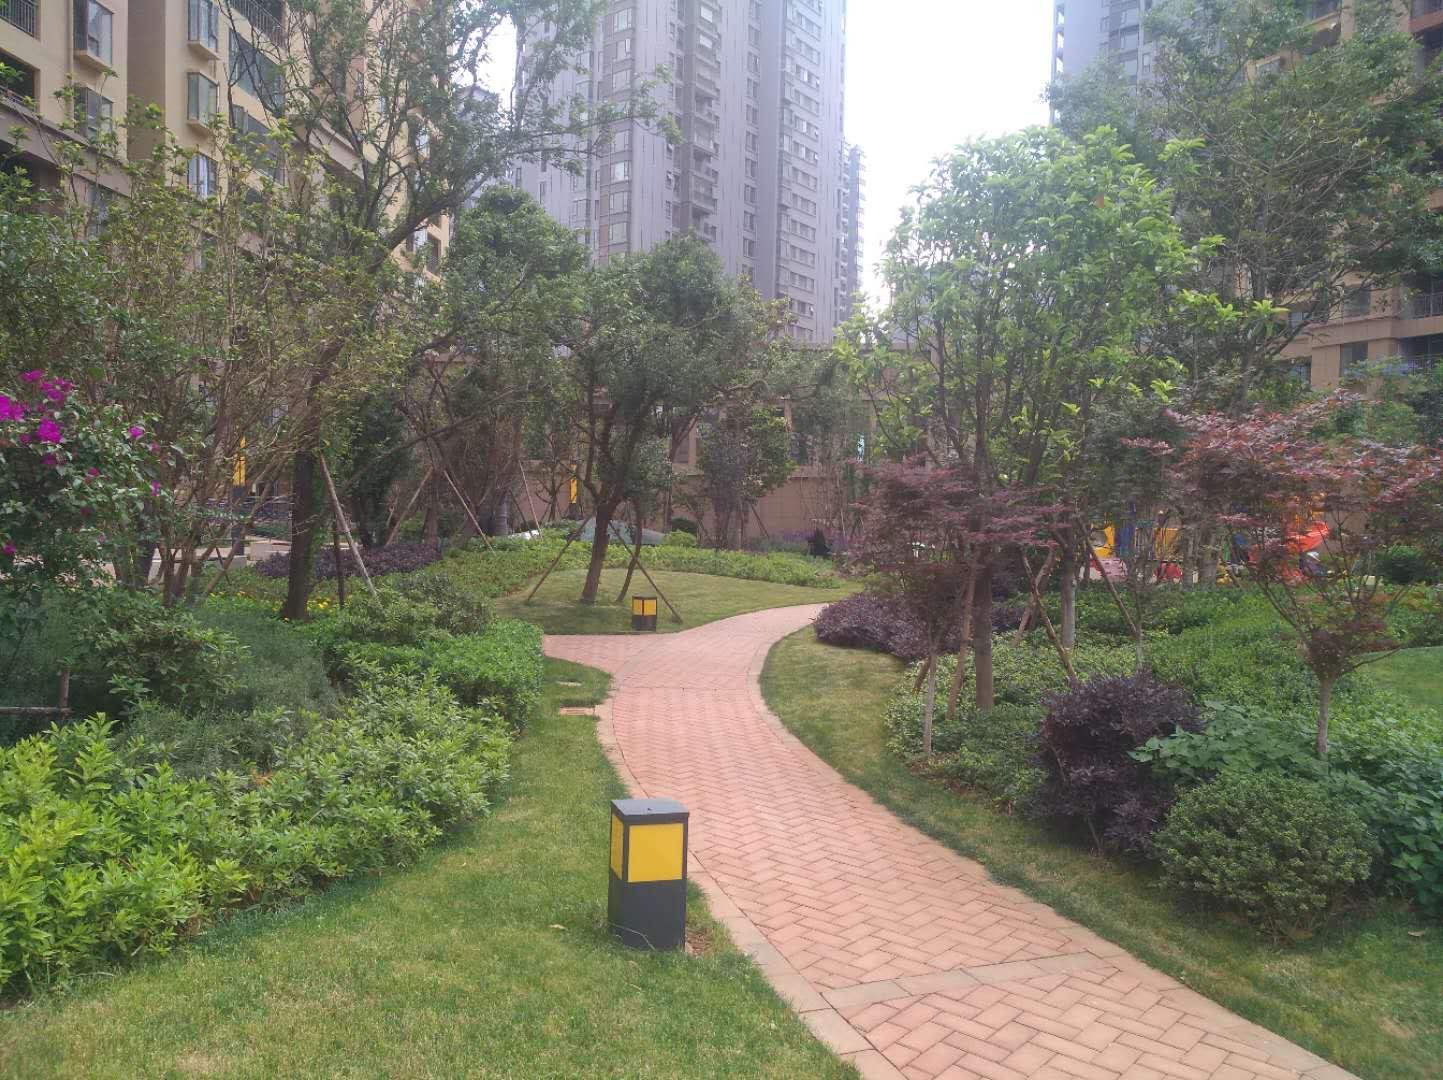 大理外灘名著景觀綠化工程